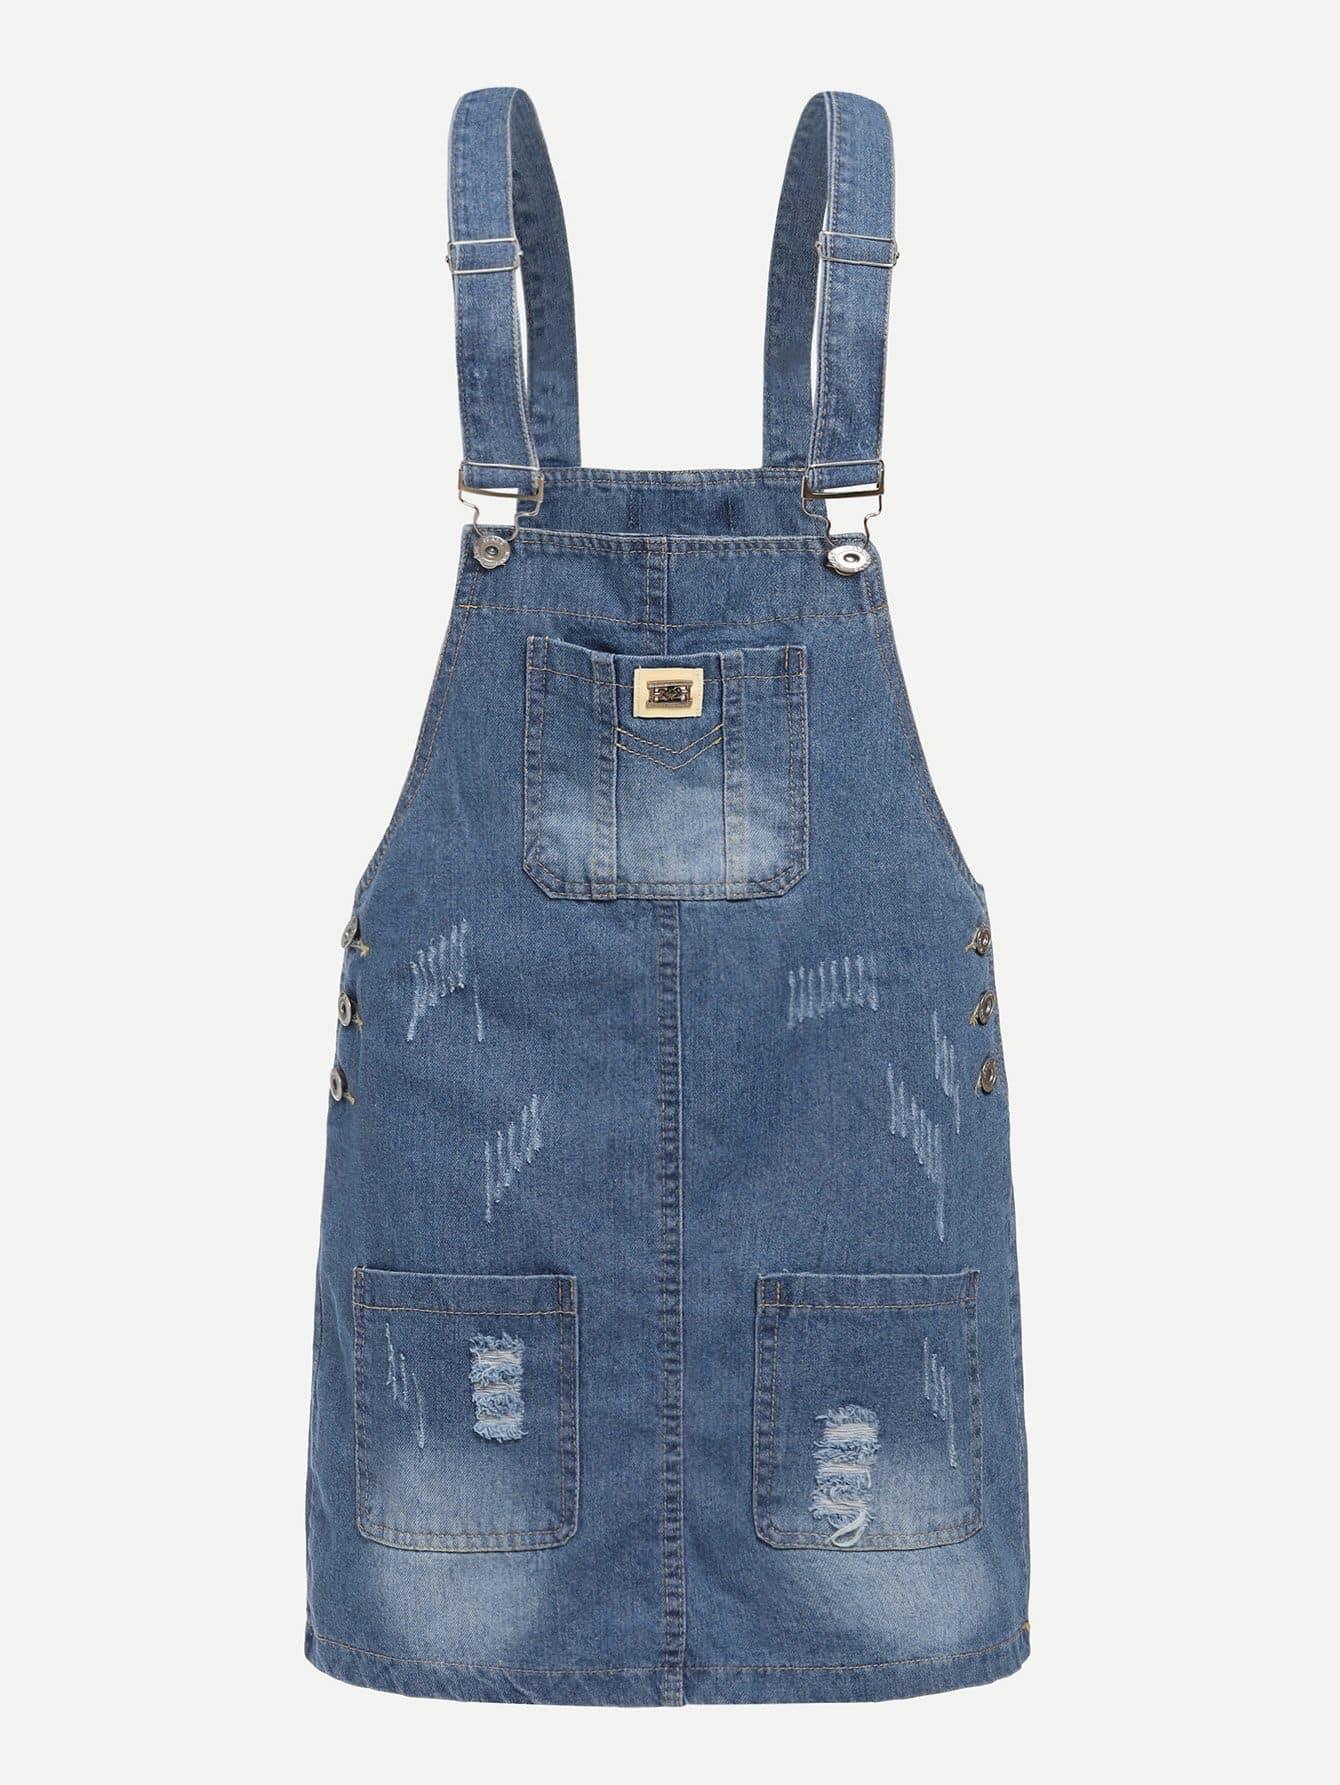 Купить Белёное джинсовое платье с украшением пуговицы, null, SheIn